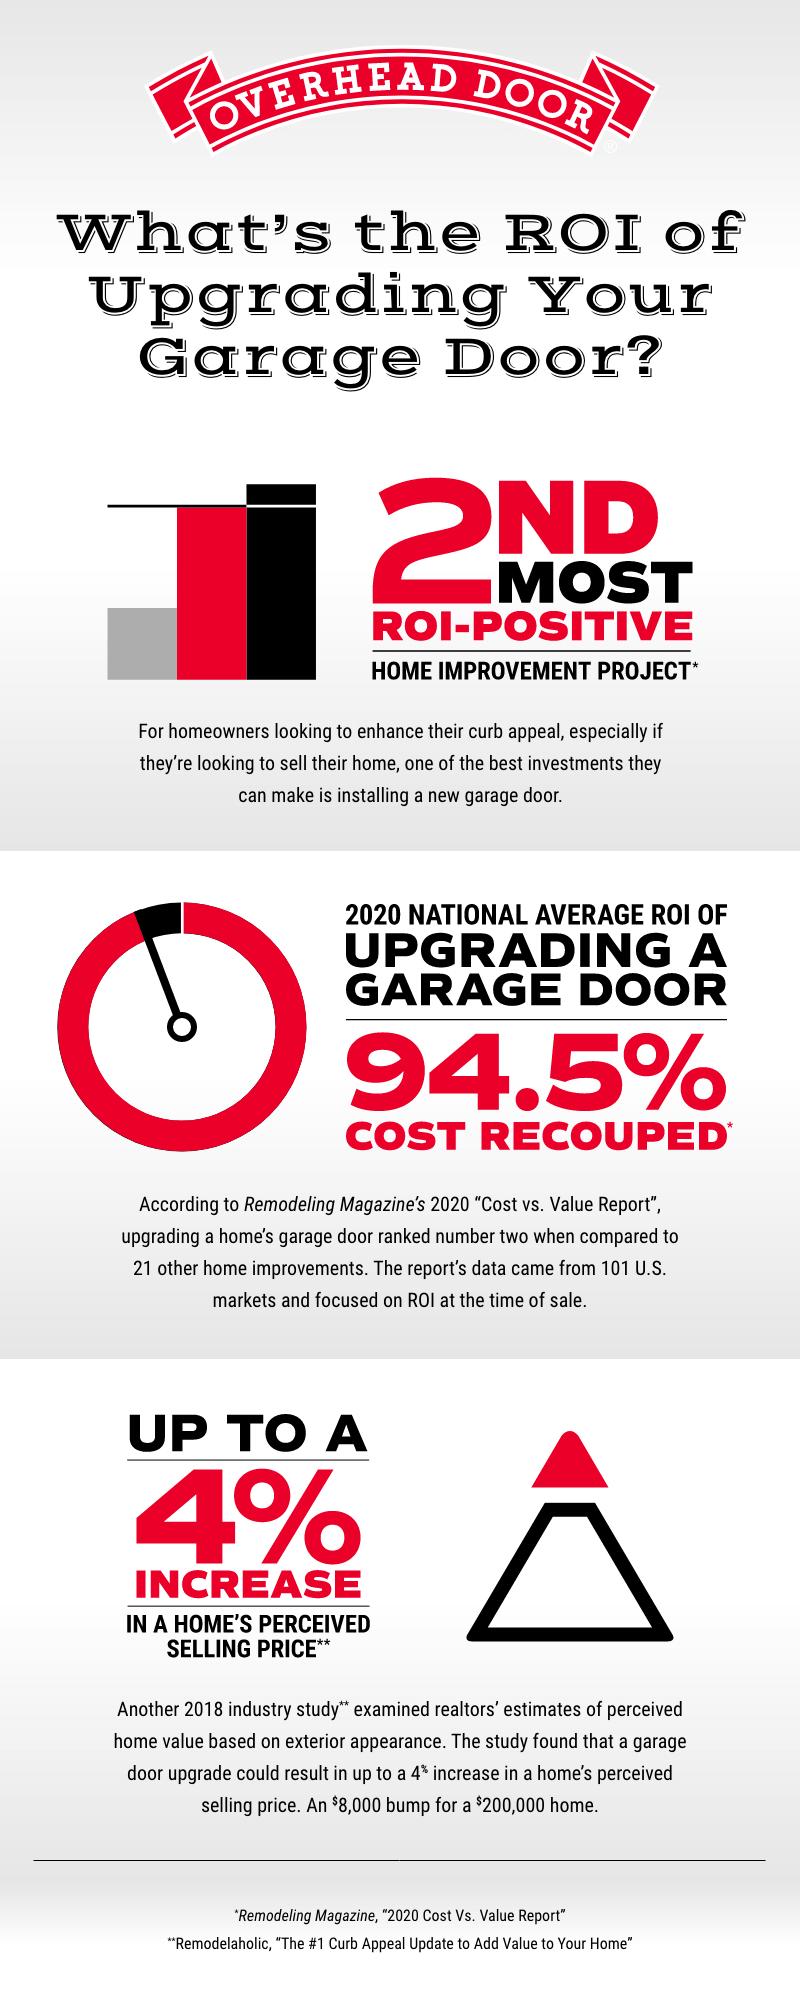 ROI-of-Upgrading-Your-Garage-Door-in-2020